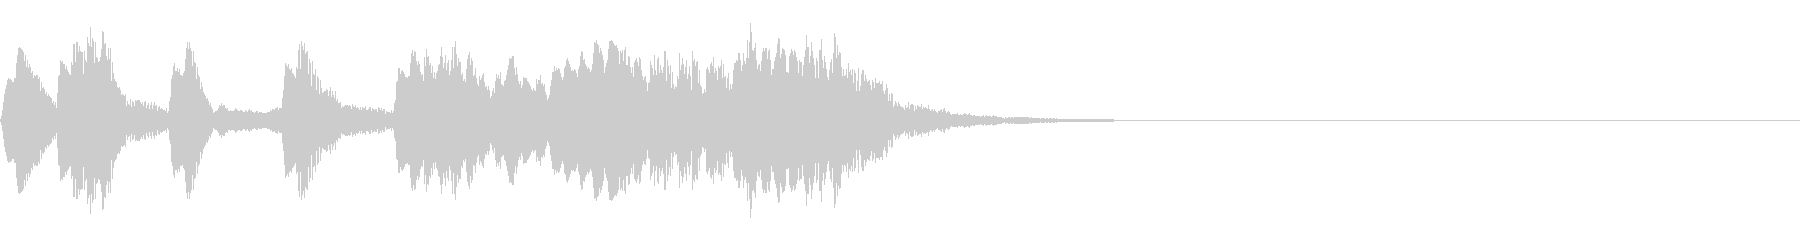 レベルアップ音/かわいいゲーム音【9】の未再生の波形